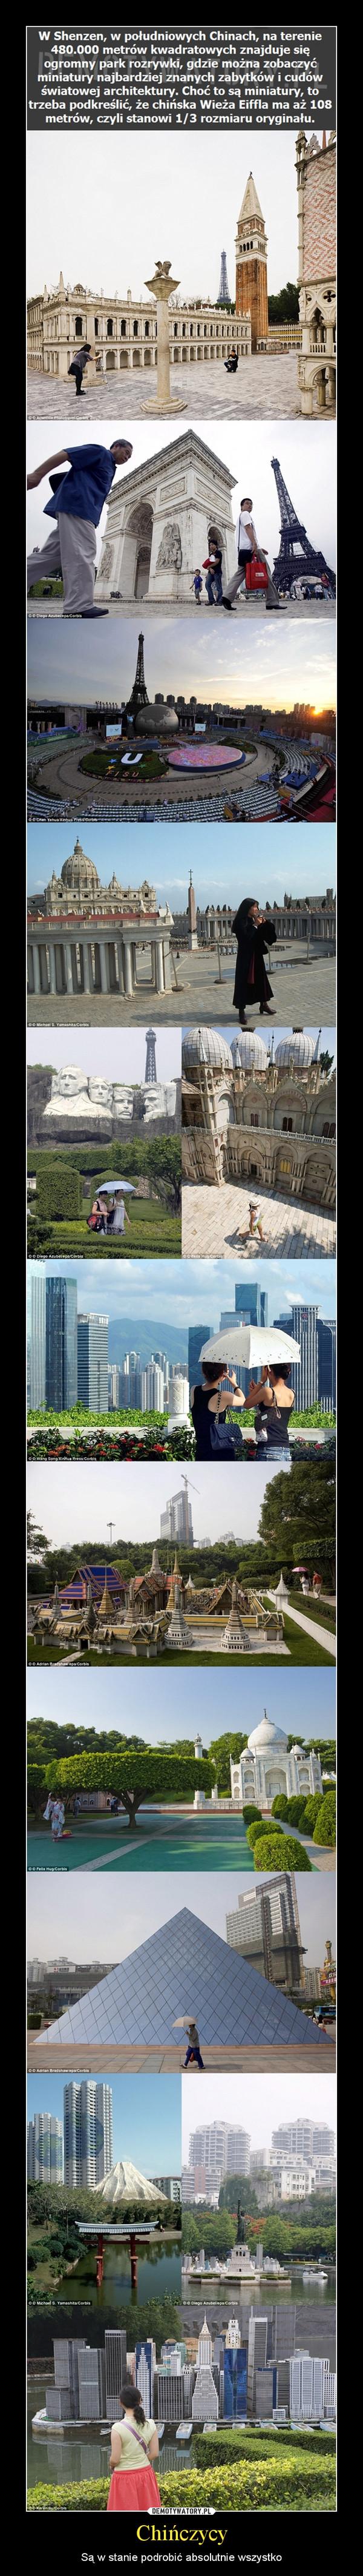 Chińczycy – Są w stanie podrobić absolutnie wszystko